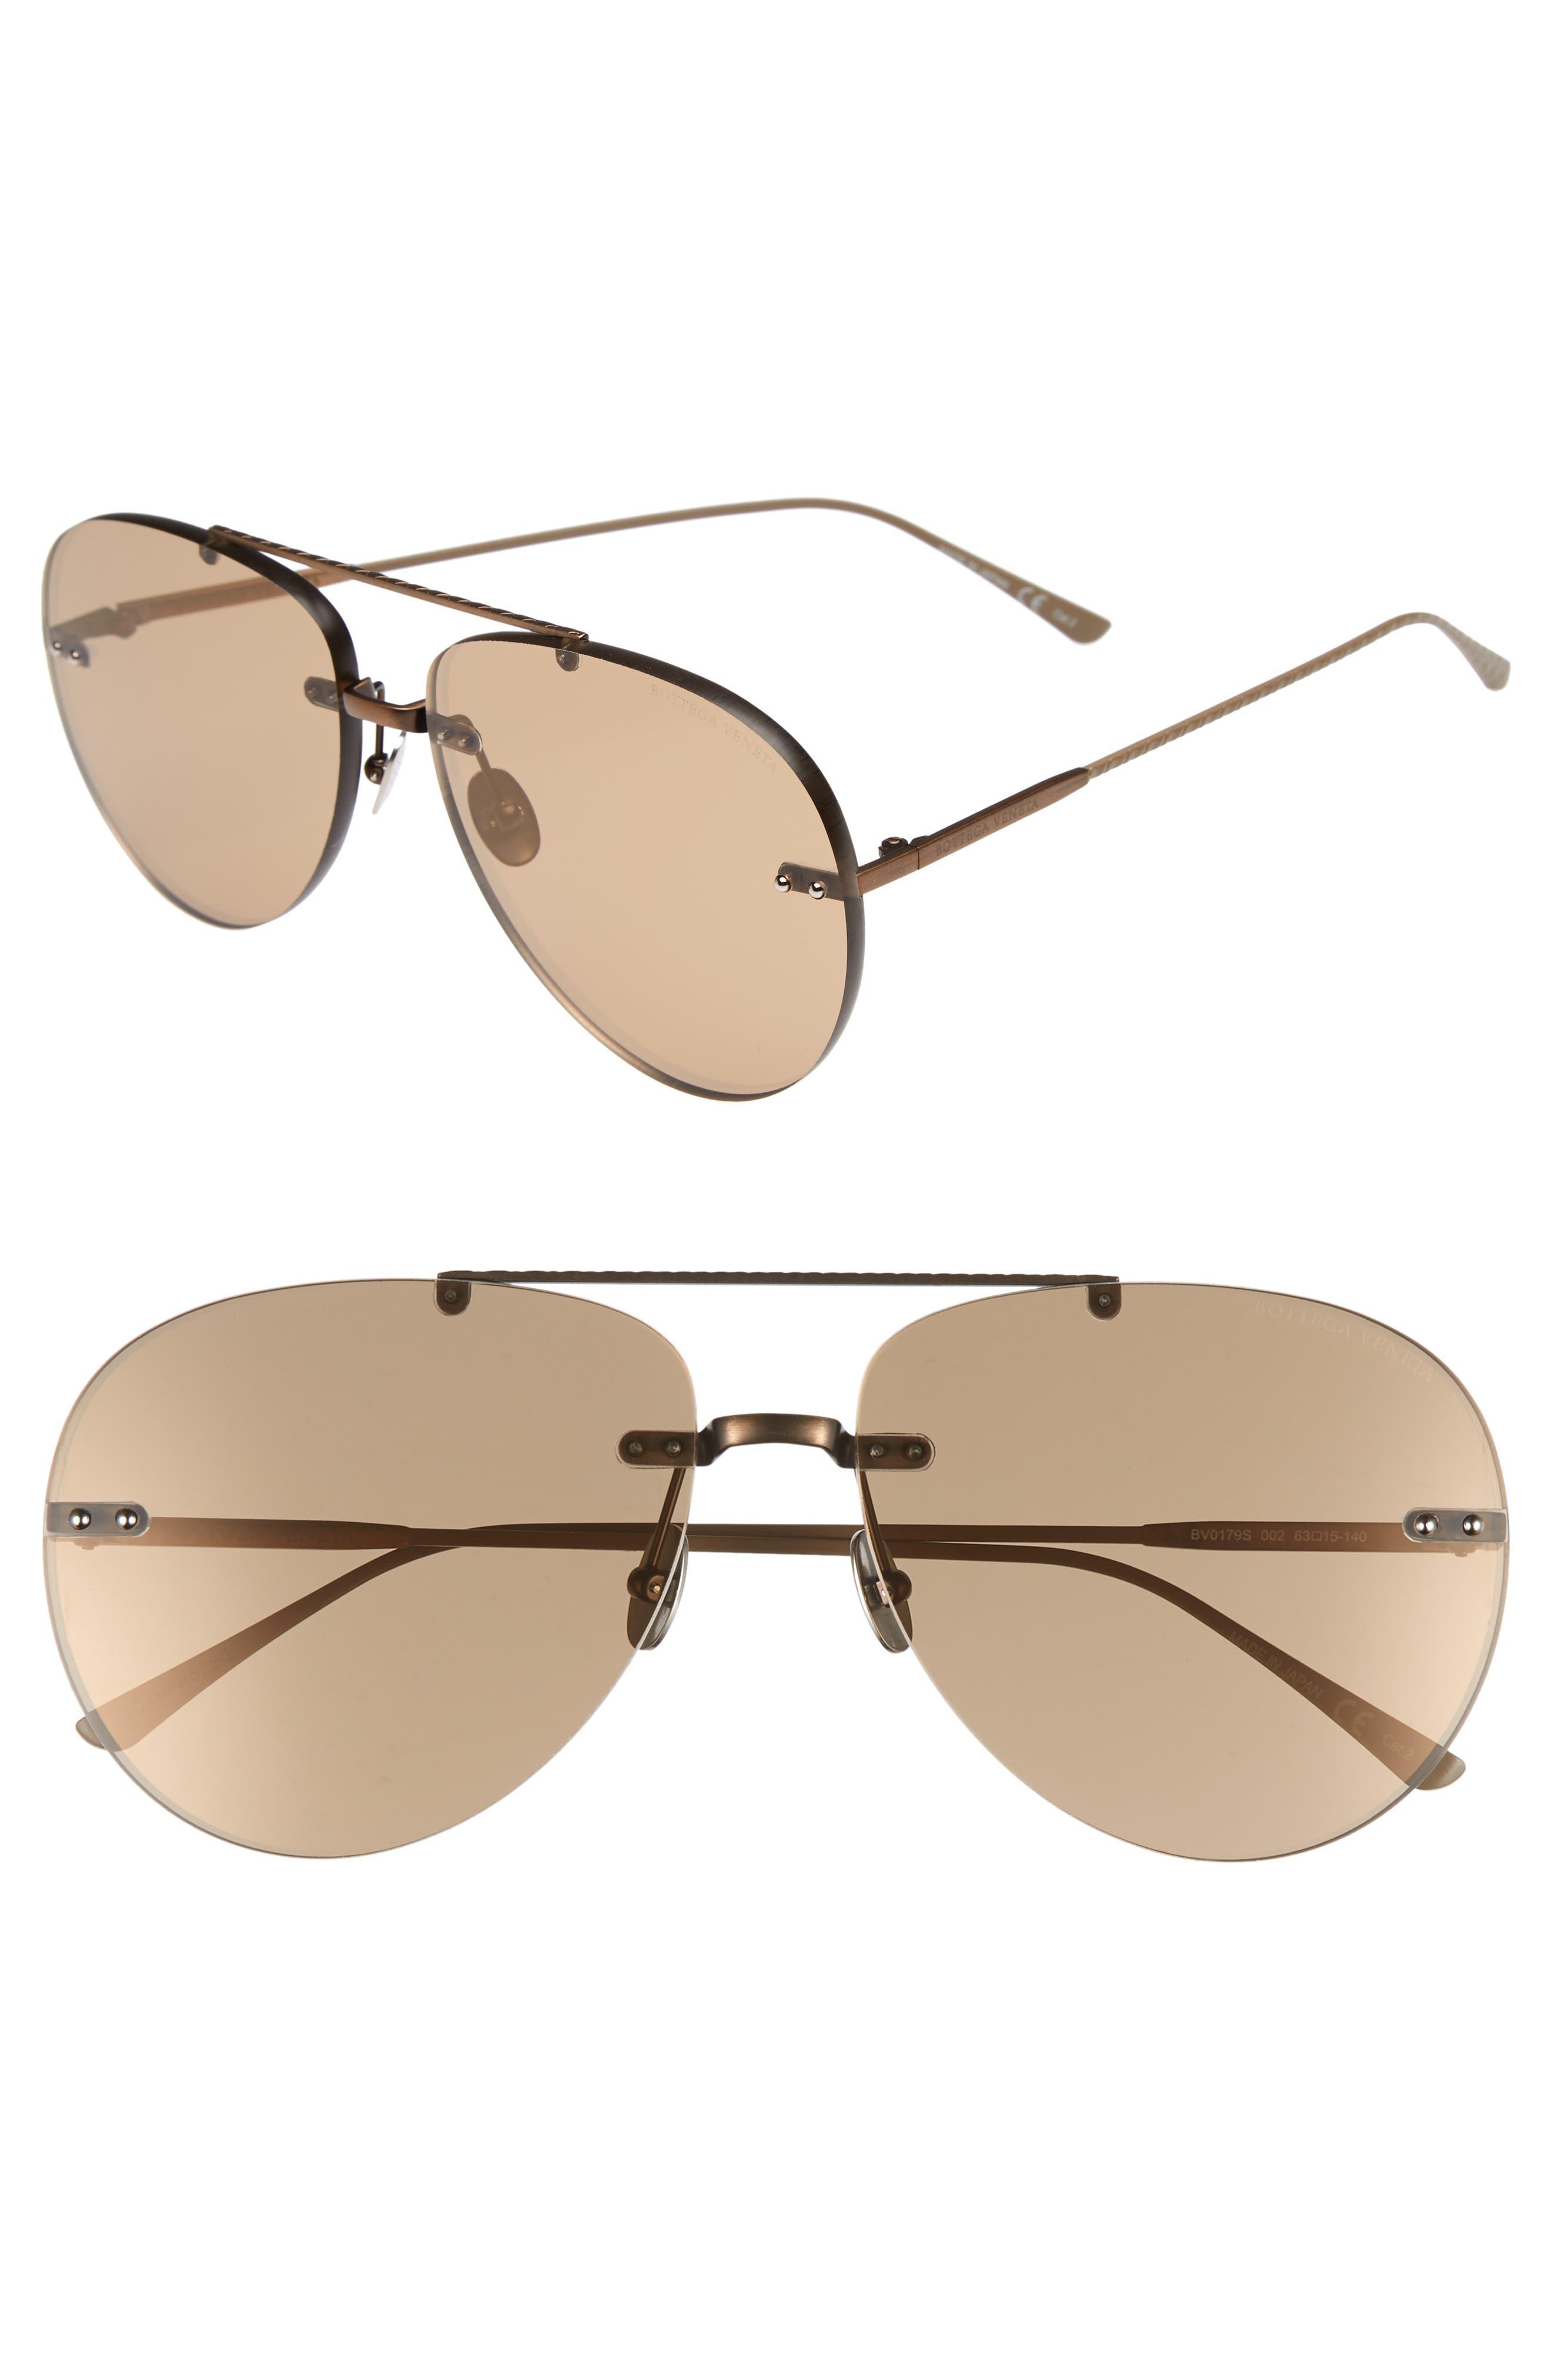 Bottega Veneta 63mm Aviator Sunglasses